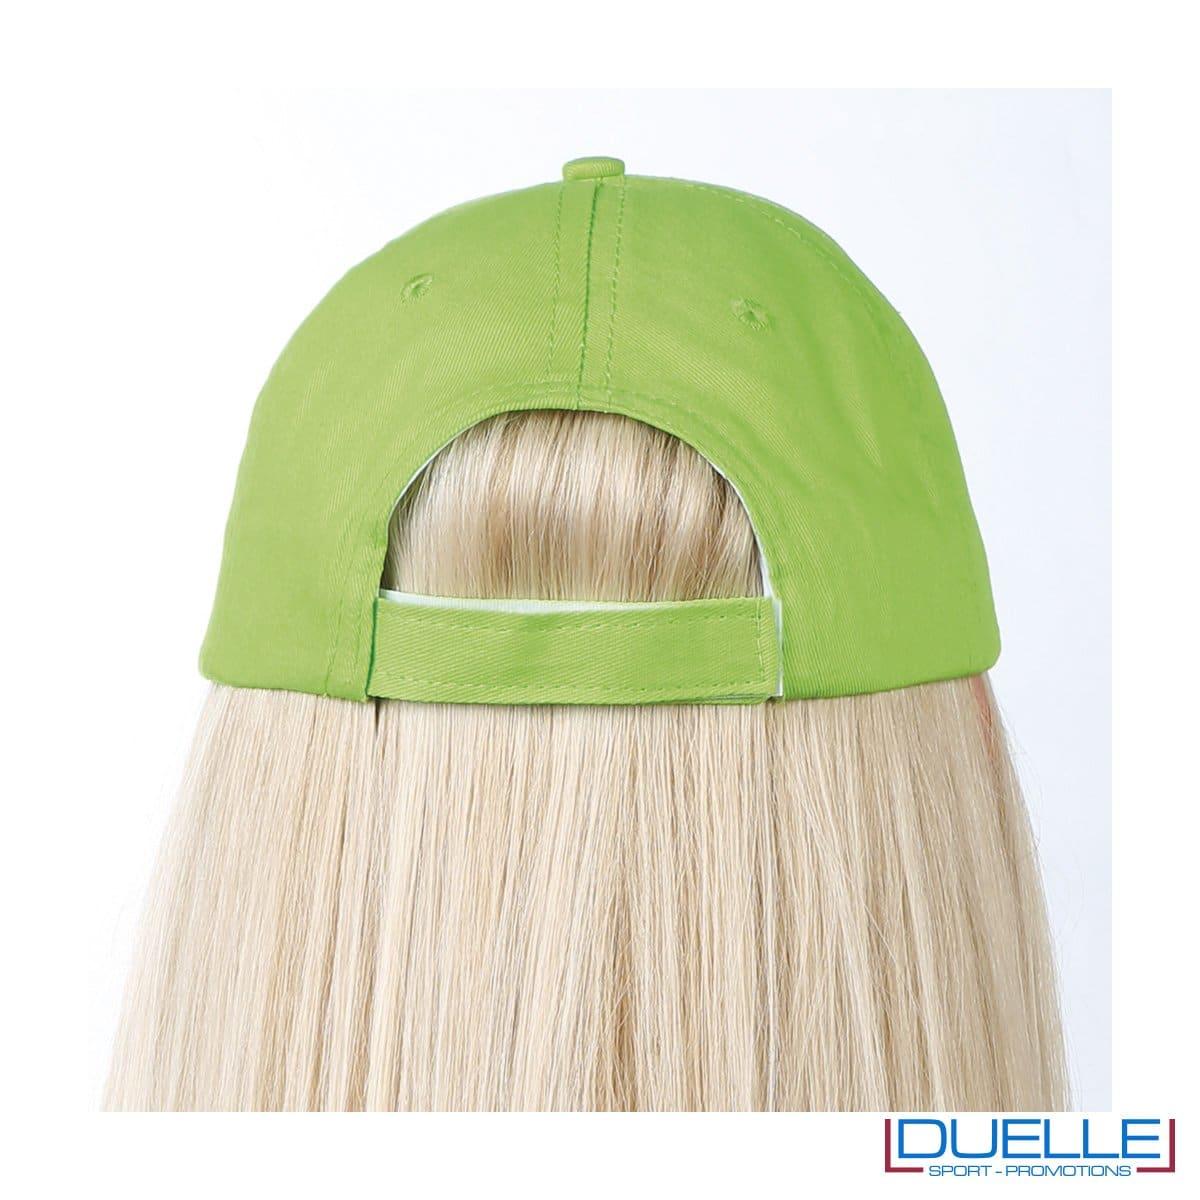 Chiusura cappellino con velcro